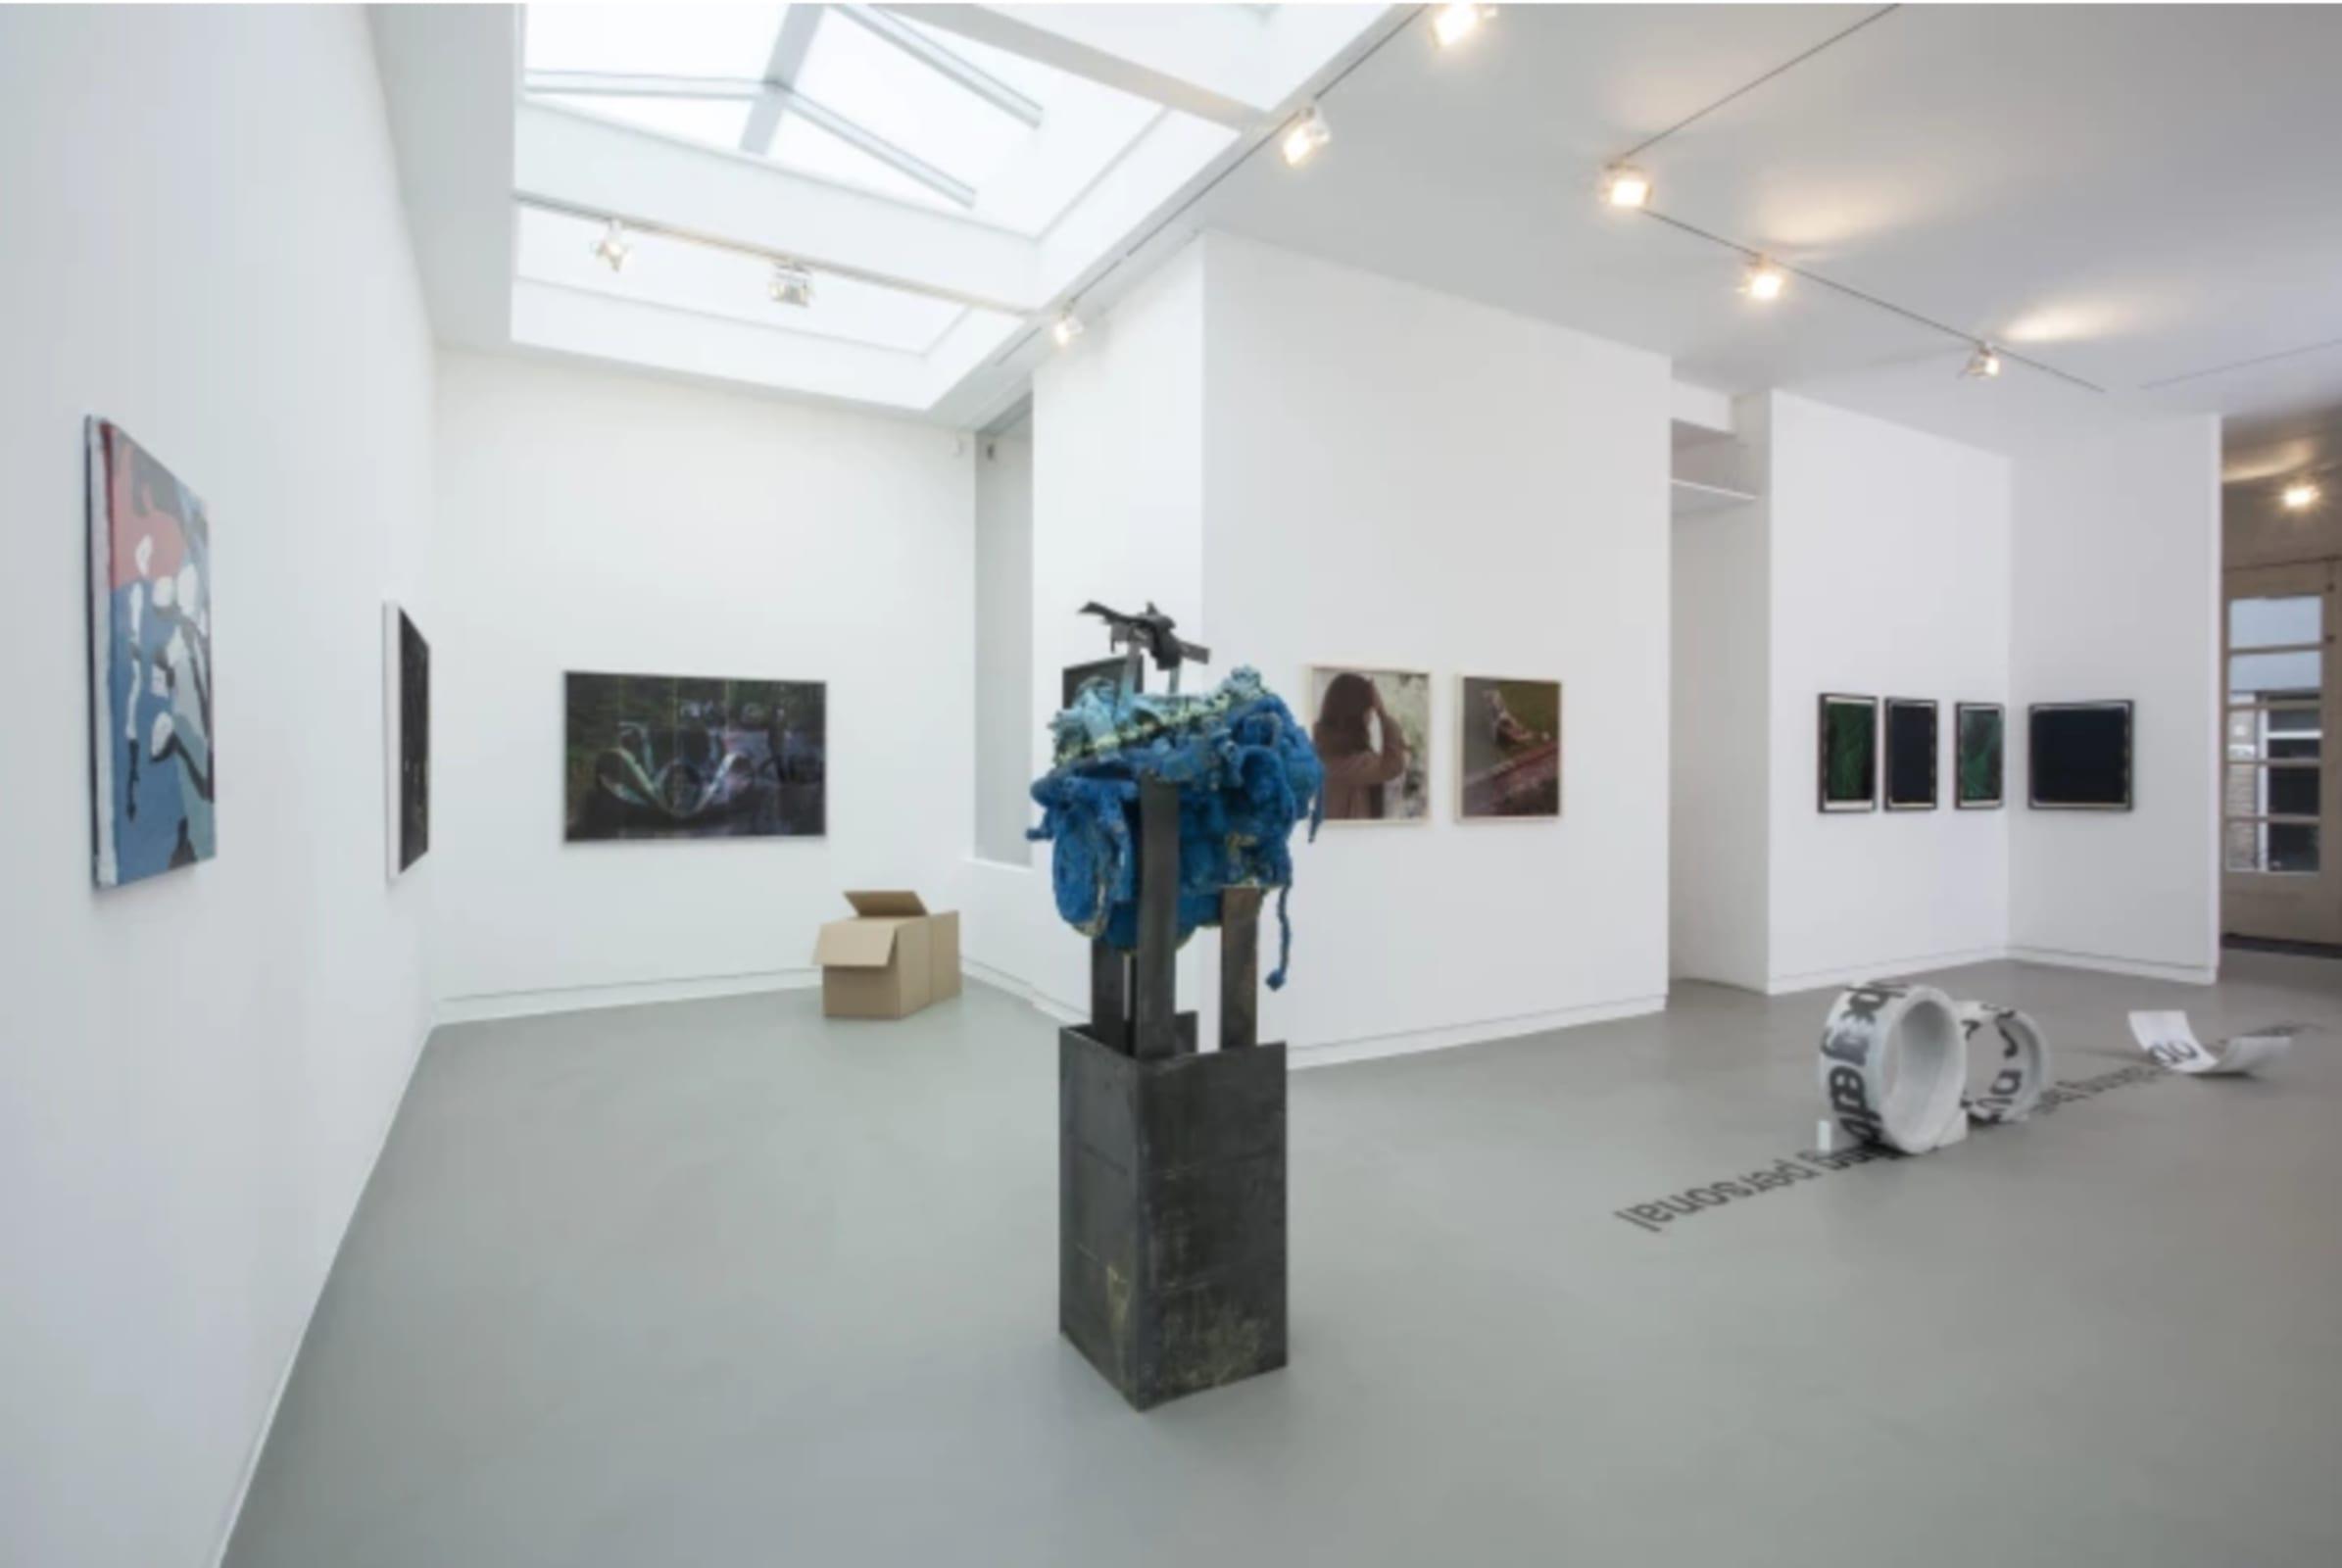 Art Rotterdam 2019, Ed van der Elsken, Sarah van Sonsbeeck, Antonis Pittas, Awoiska van der Molen,